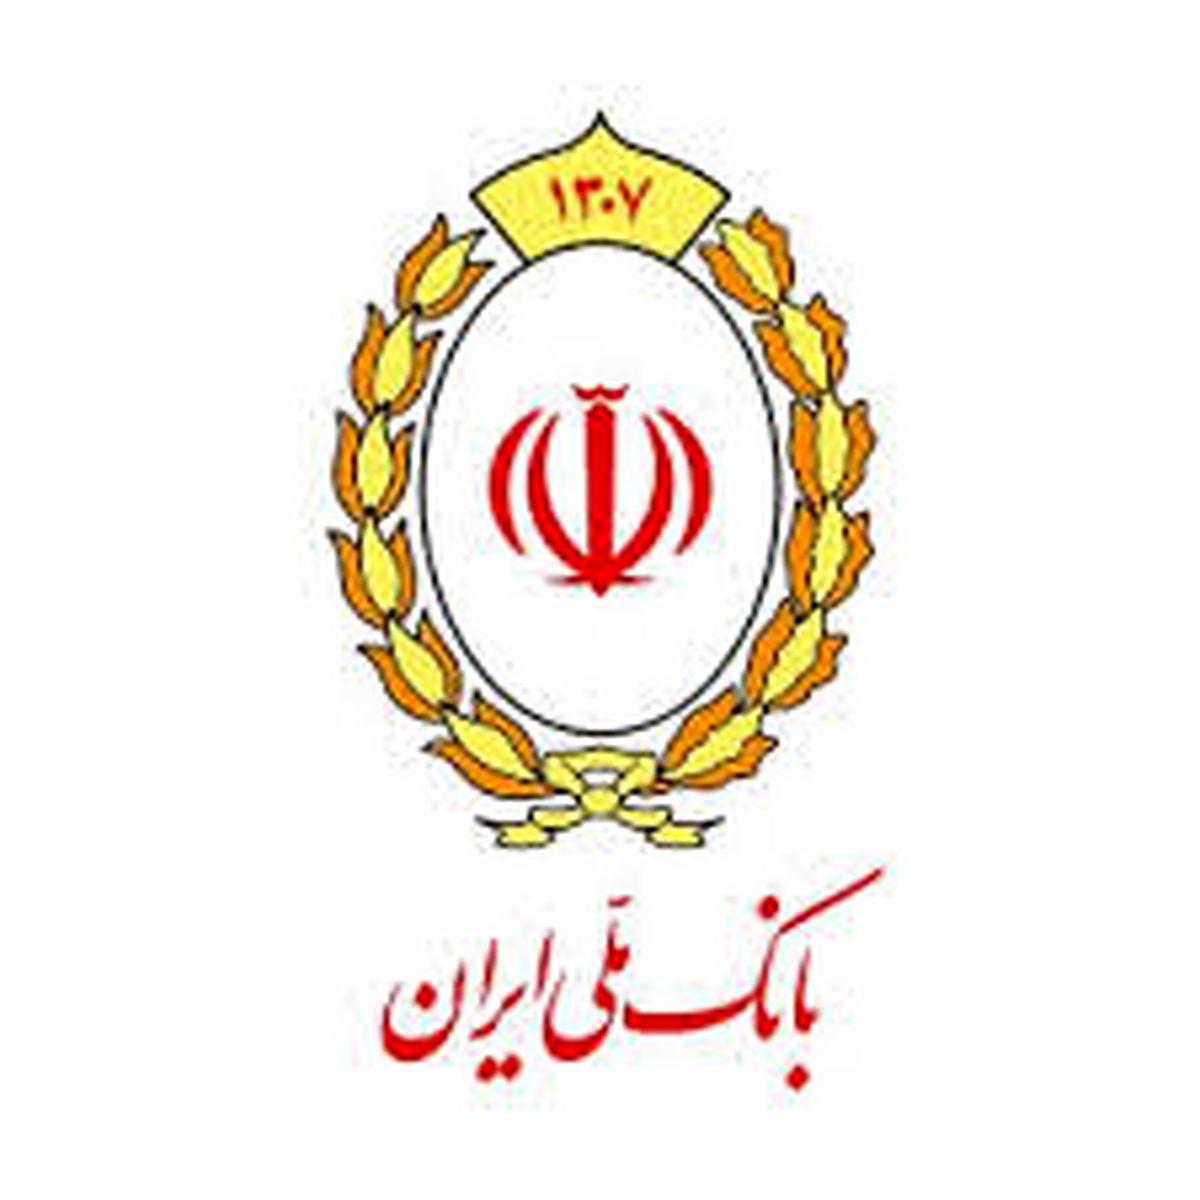 آغاز مرحله سوم و اعلام اسامی برندگان مرحله دوم طرح «پایش ۱۴۰۰» بانک ملی ایران